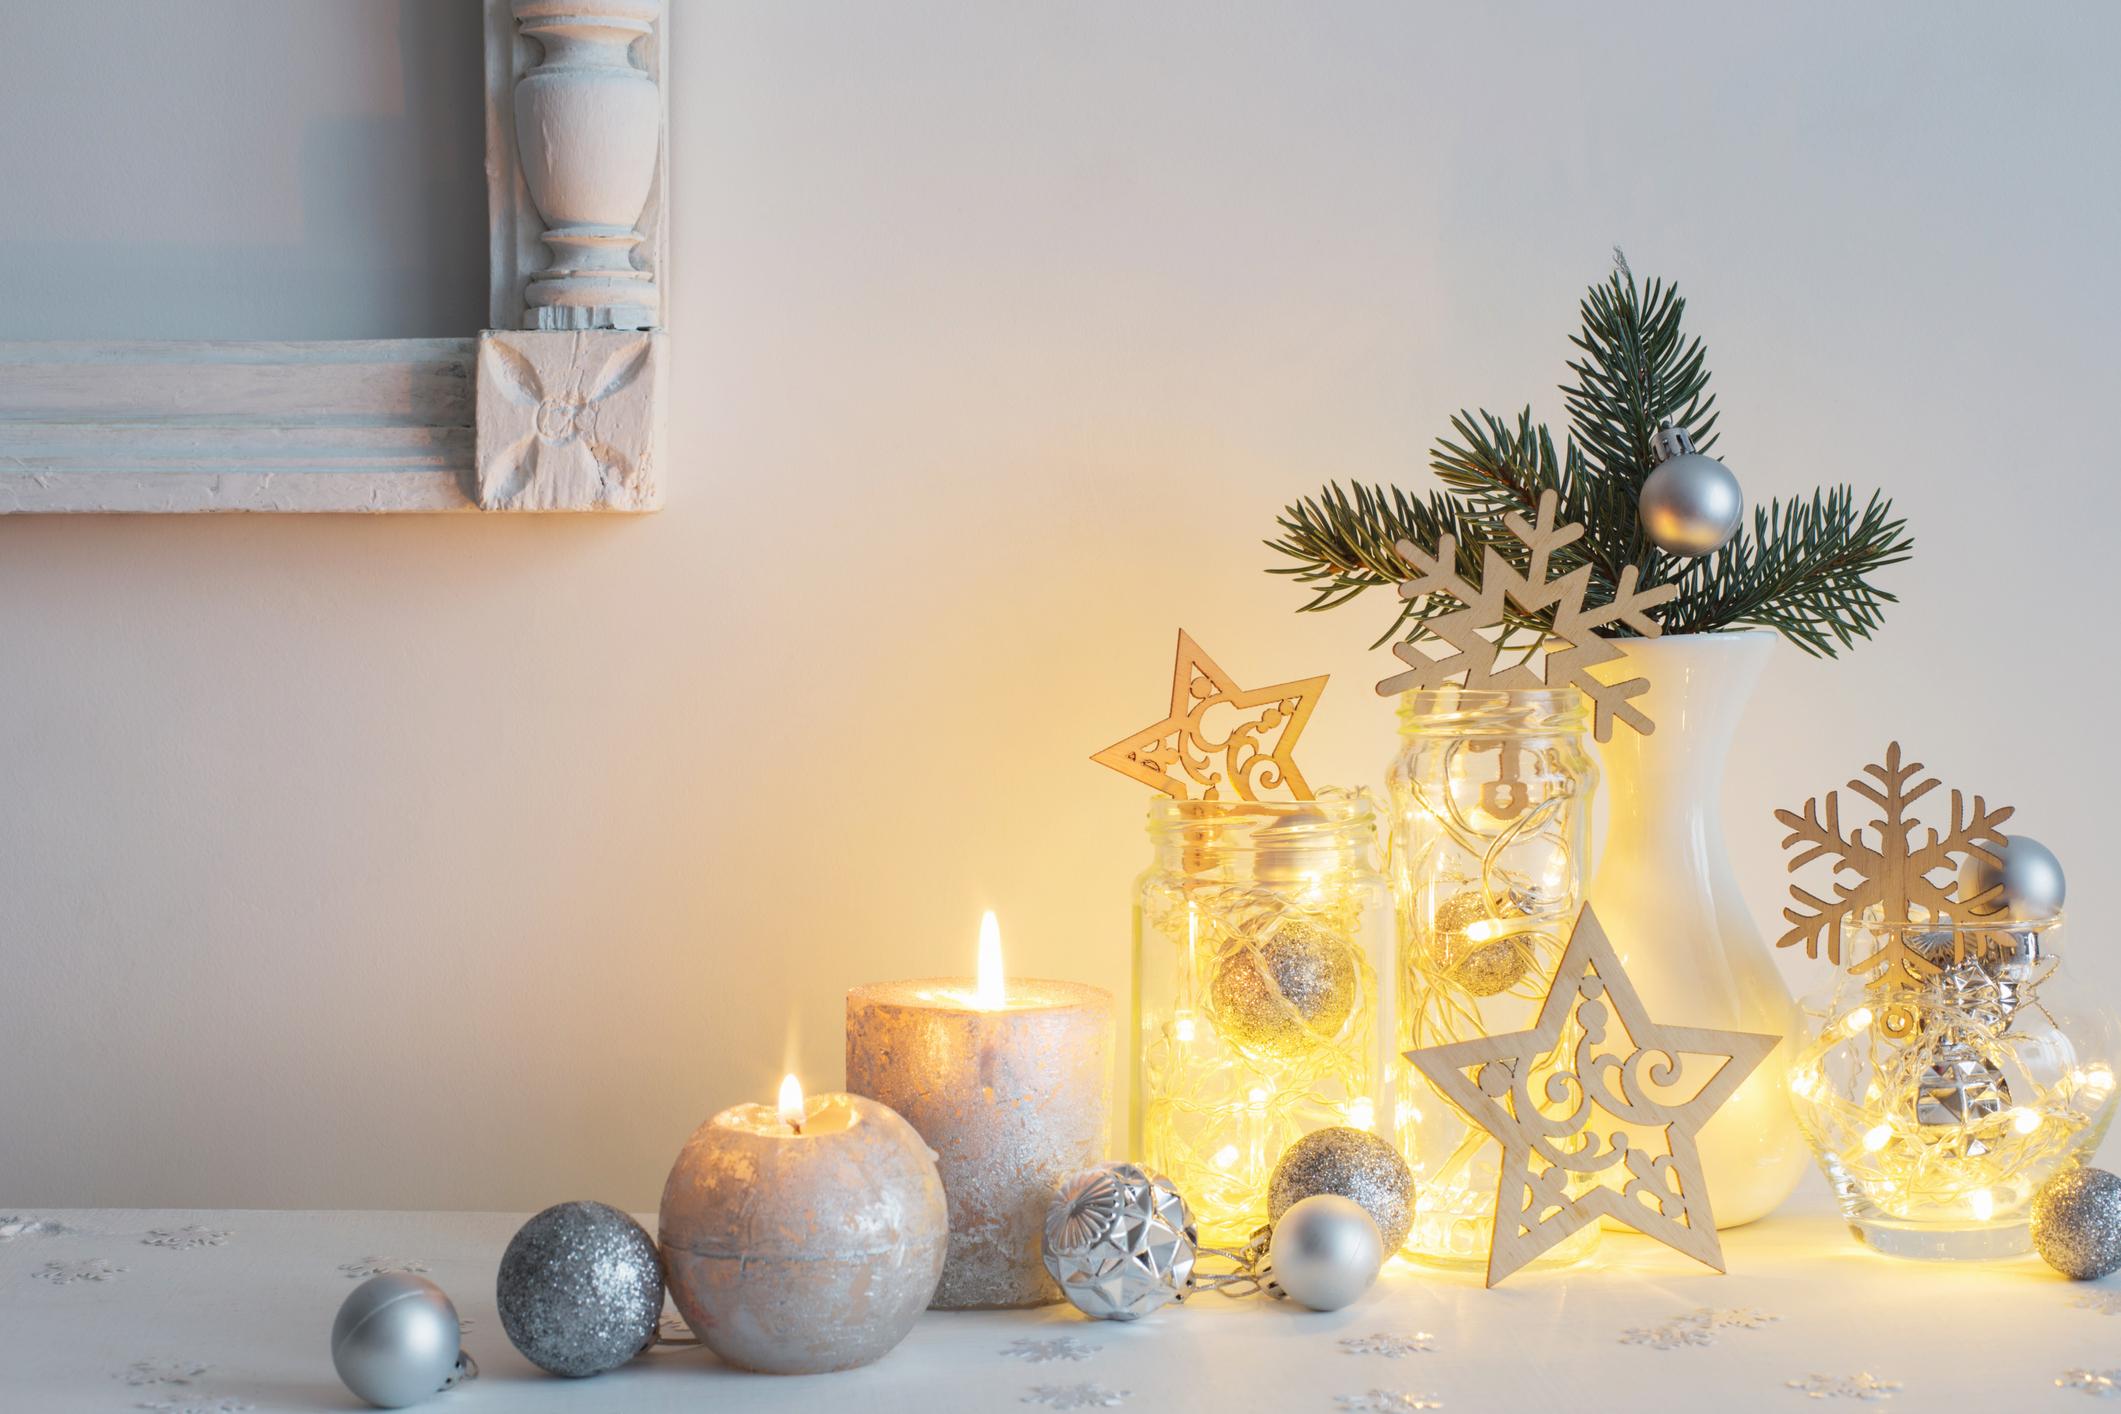 świece i dekoracje świąteczne